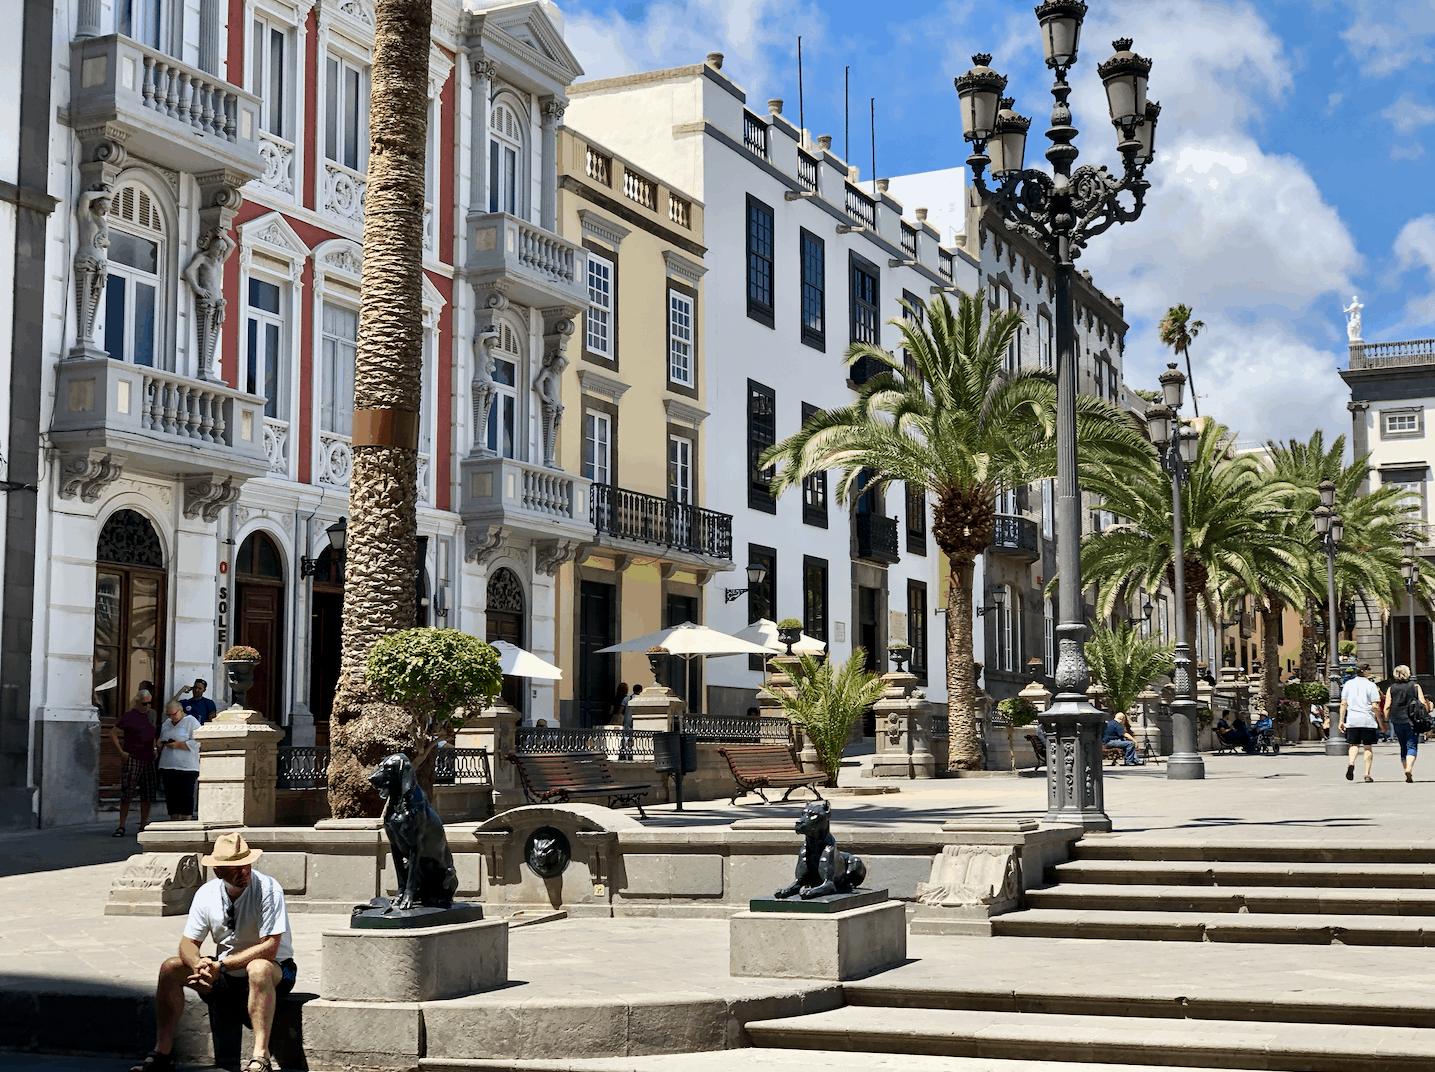 Plaza de Santa Ana in Las Palmas de Gran Canaria